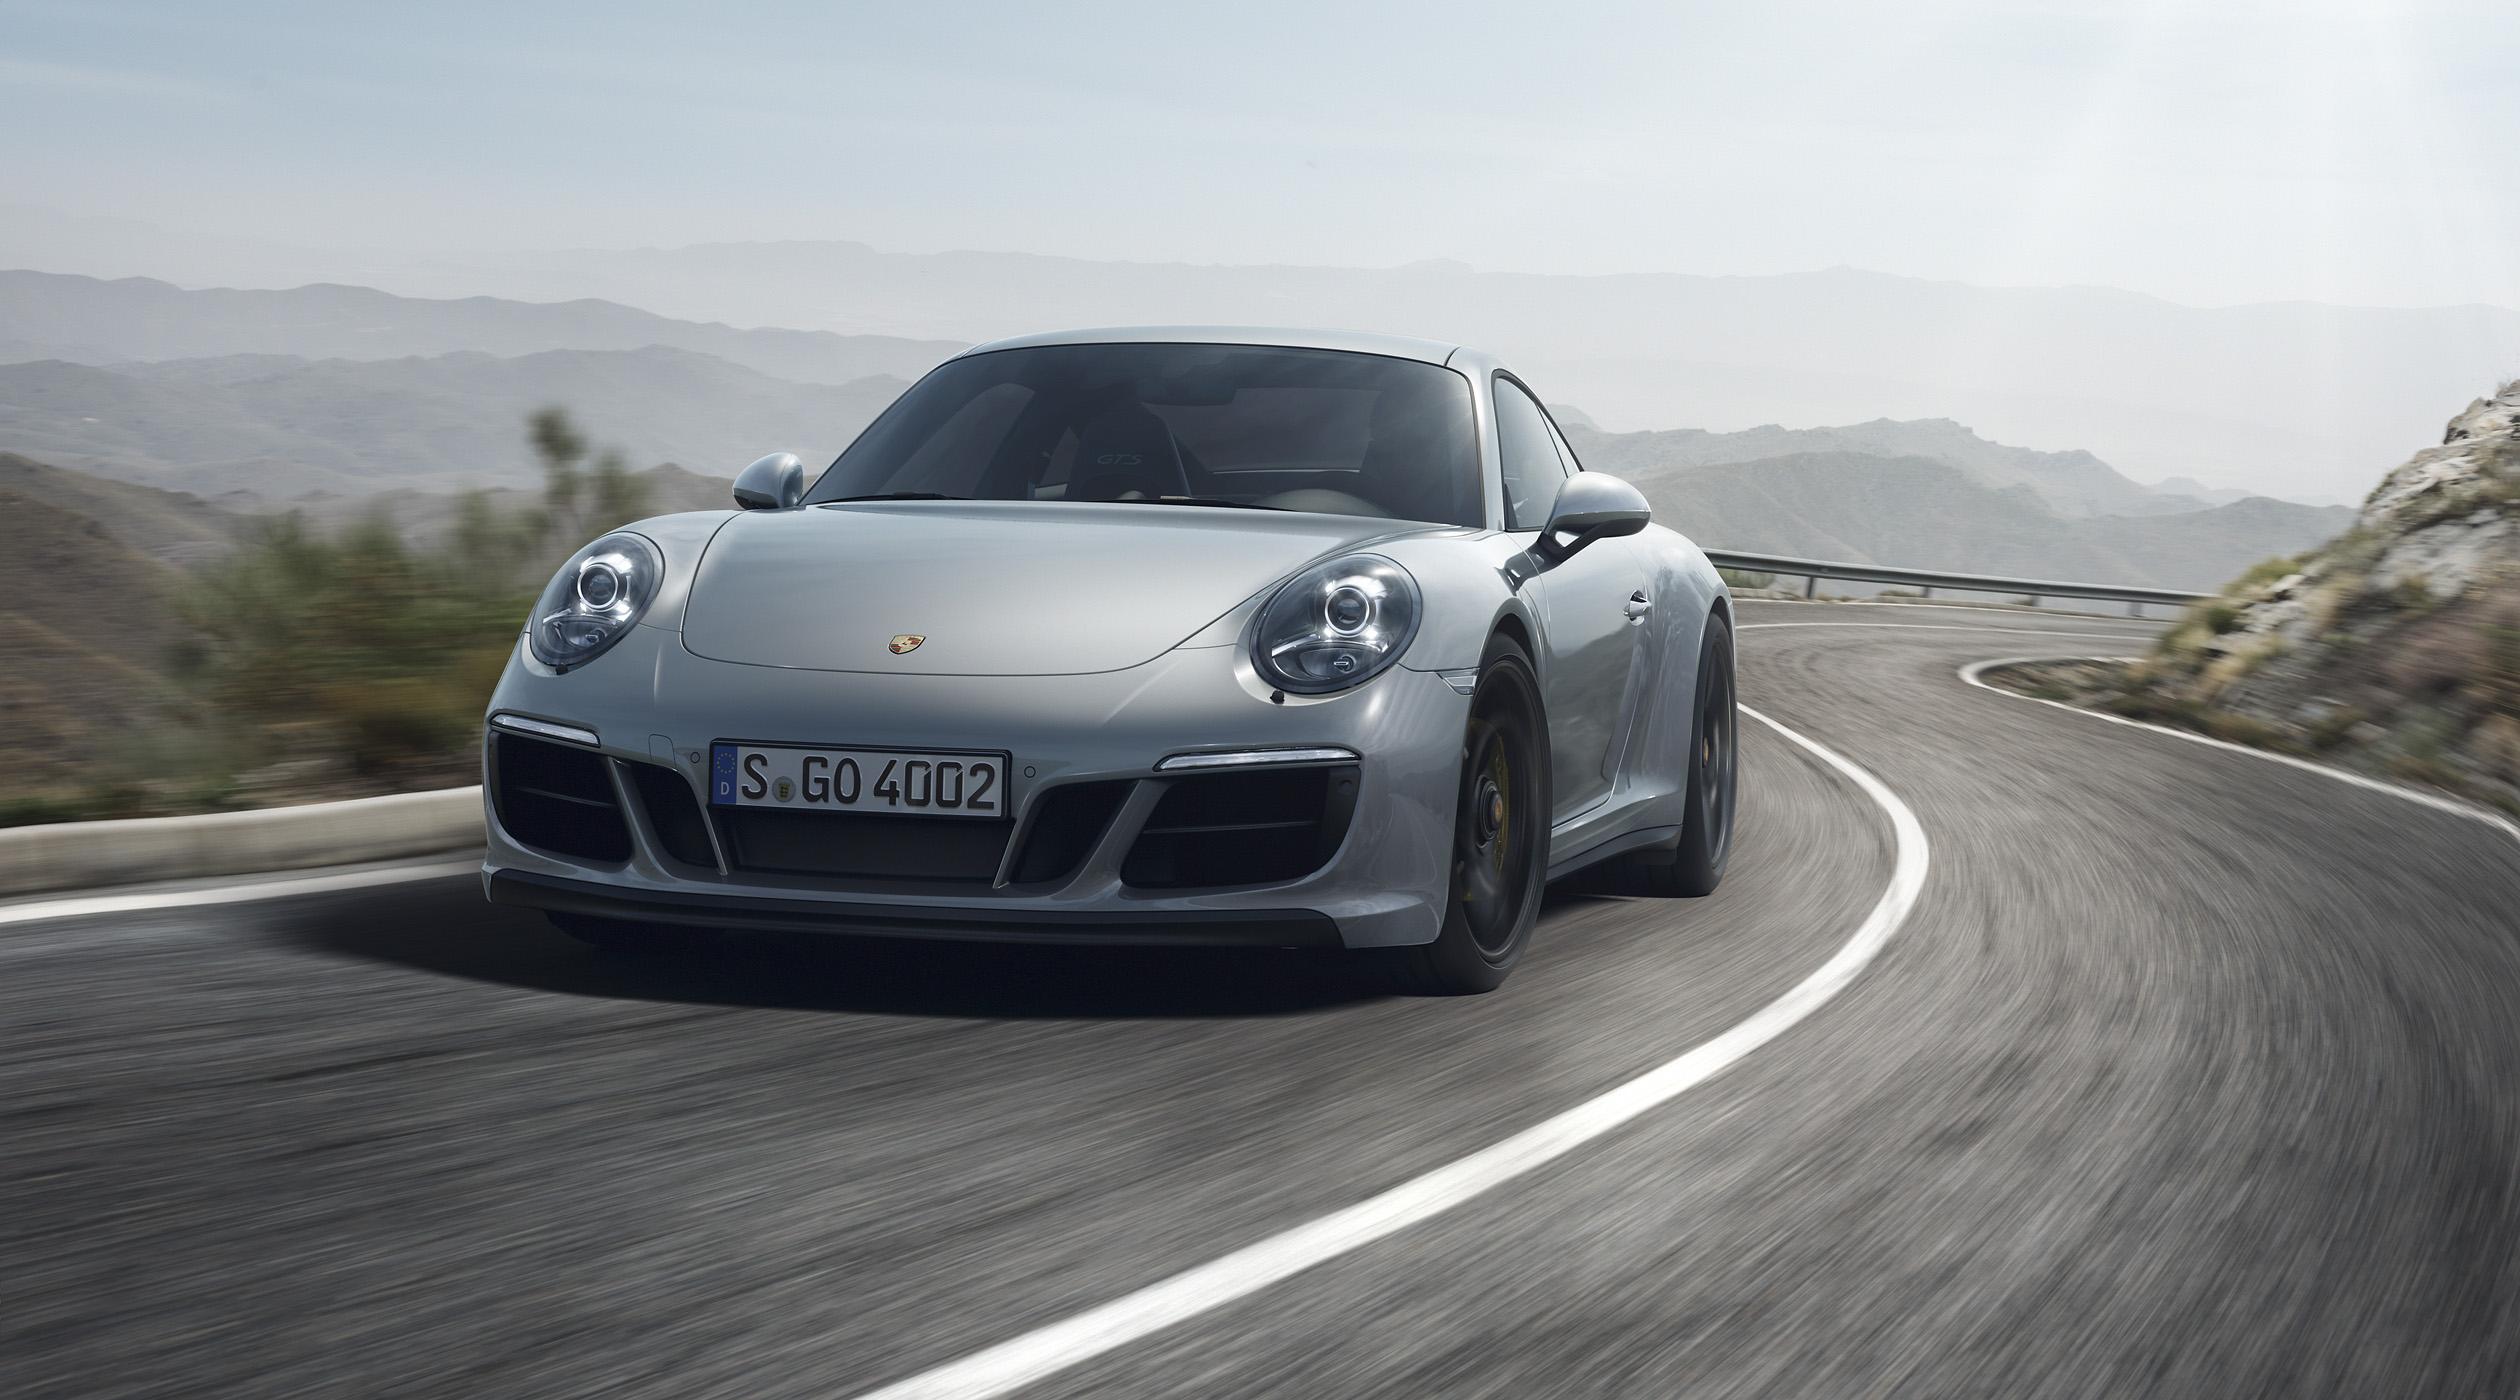 La Porsche 911 se décline en version GTS